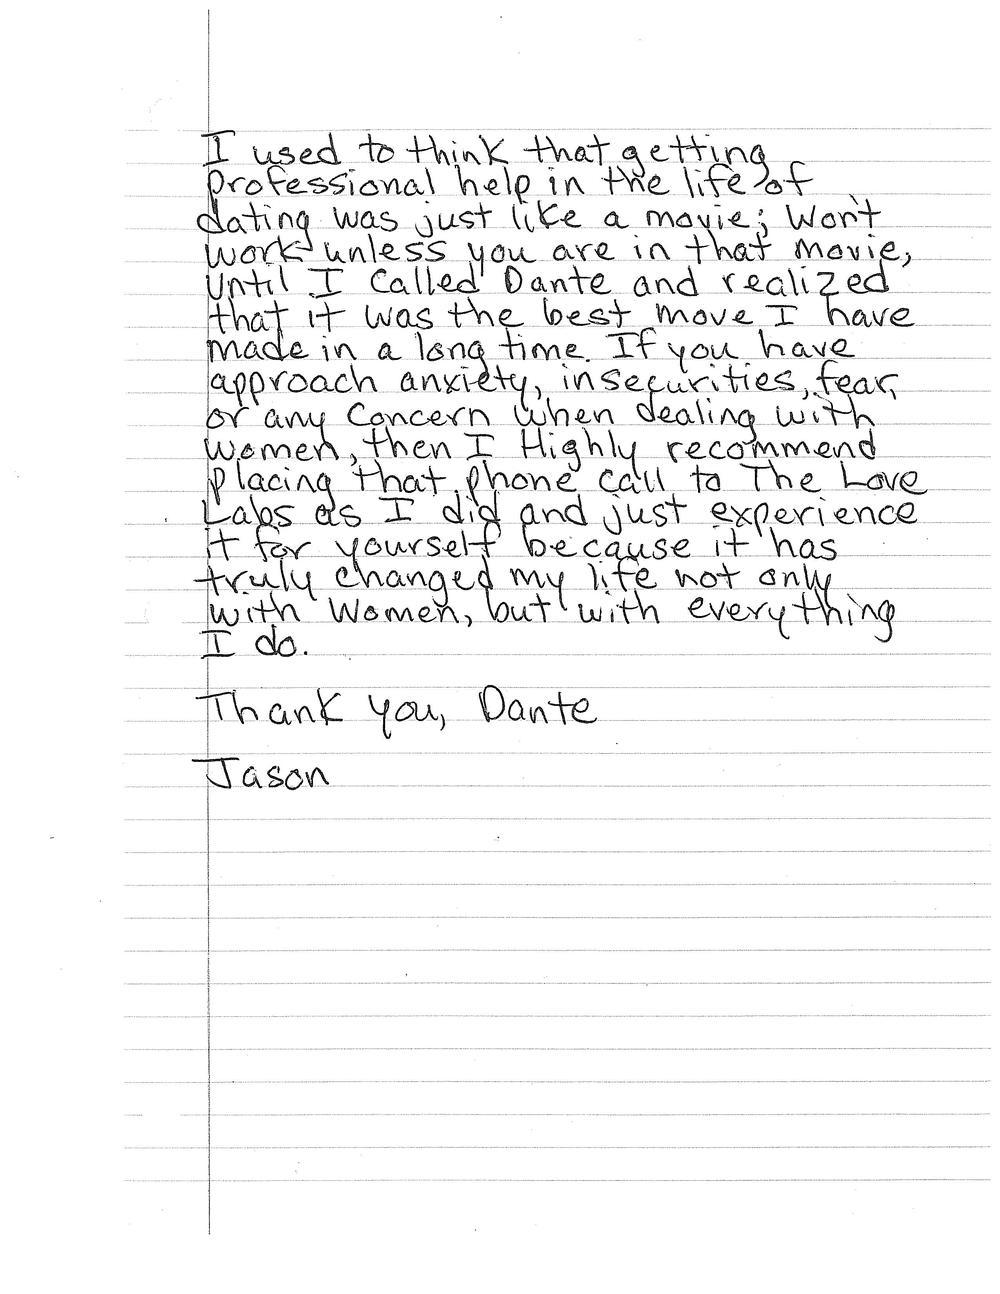 Jason-p2-page-001.jpg